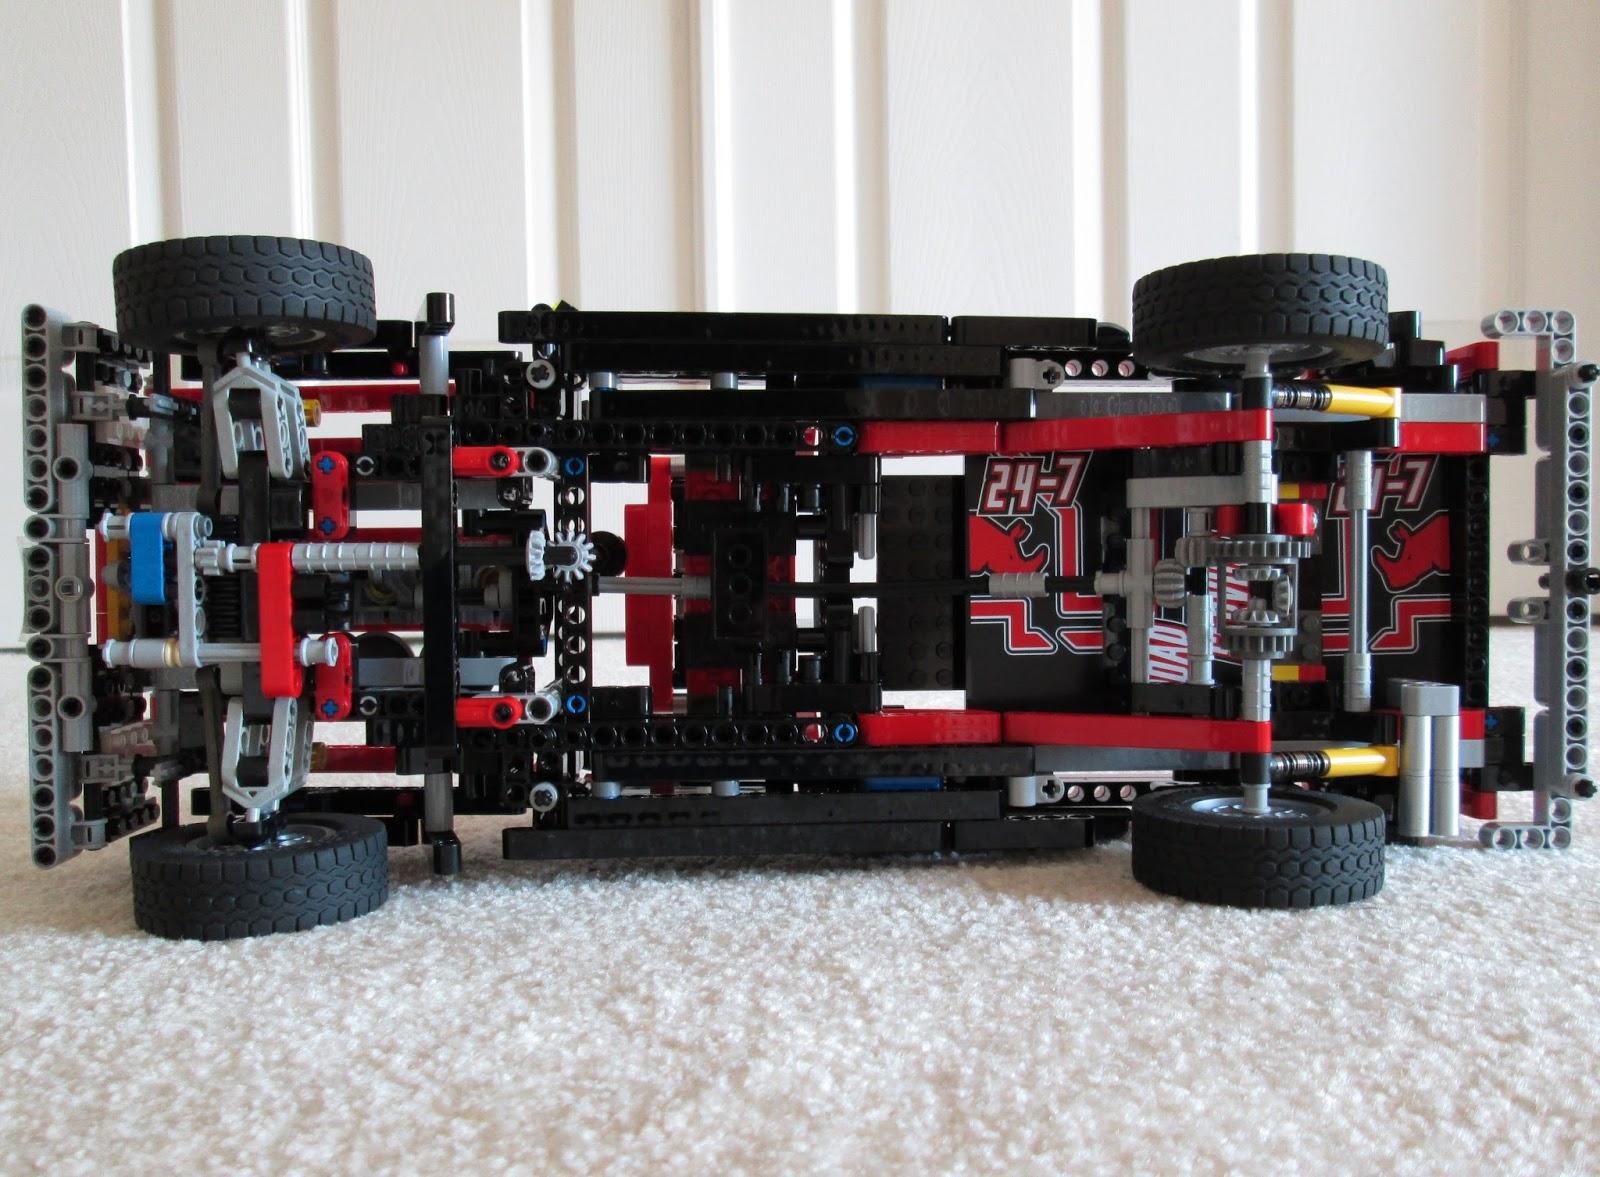 J-turn: LEGO 1965 Ford Pickup